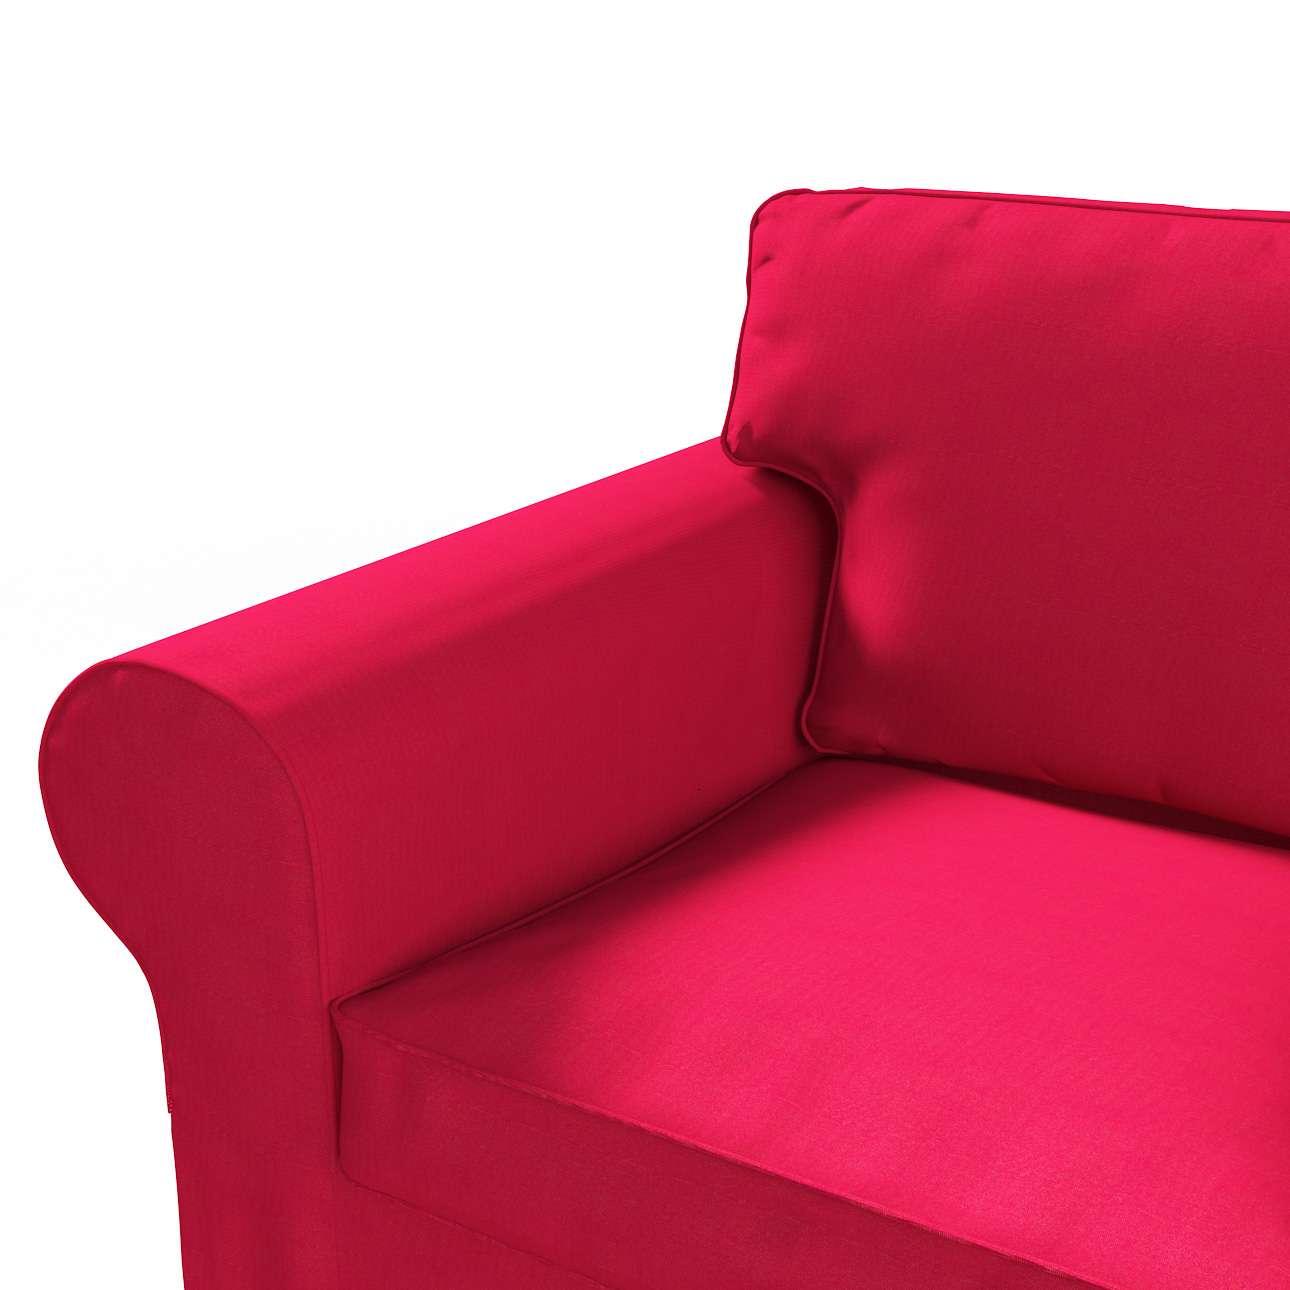 Ektorp 2-Sitzer Schlafsofabezug  NEUES Modell  Sofabezug für  Ektorp 2-Sitzer ausklappbar, neues Modell von der Kollektion Etna, Stoff: 705-60